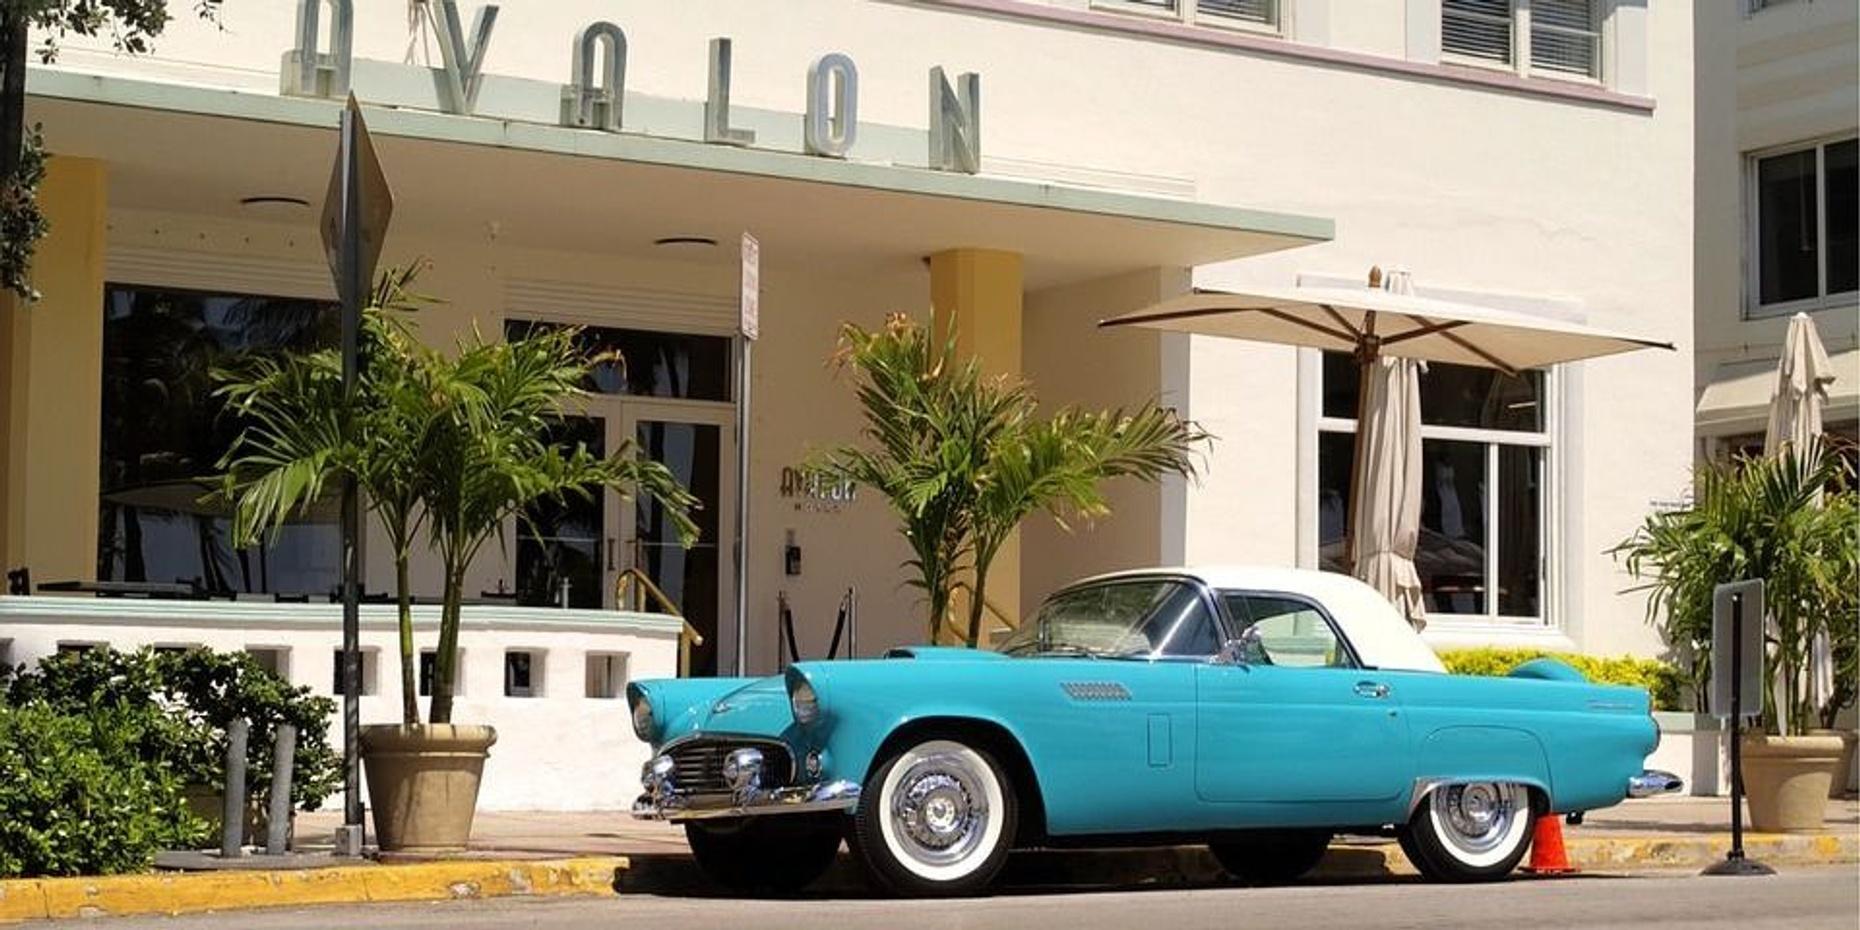 The Original Miami City and Boat Combination Tour